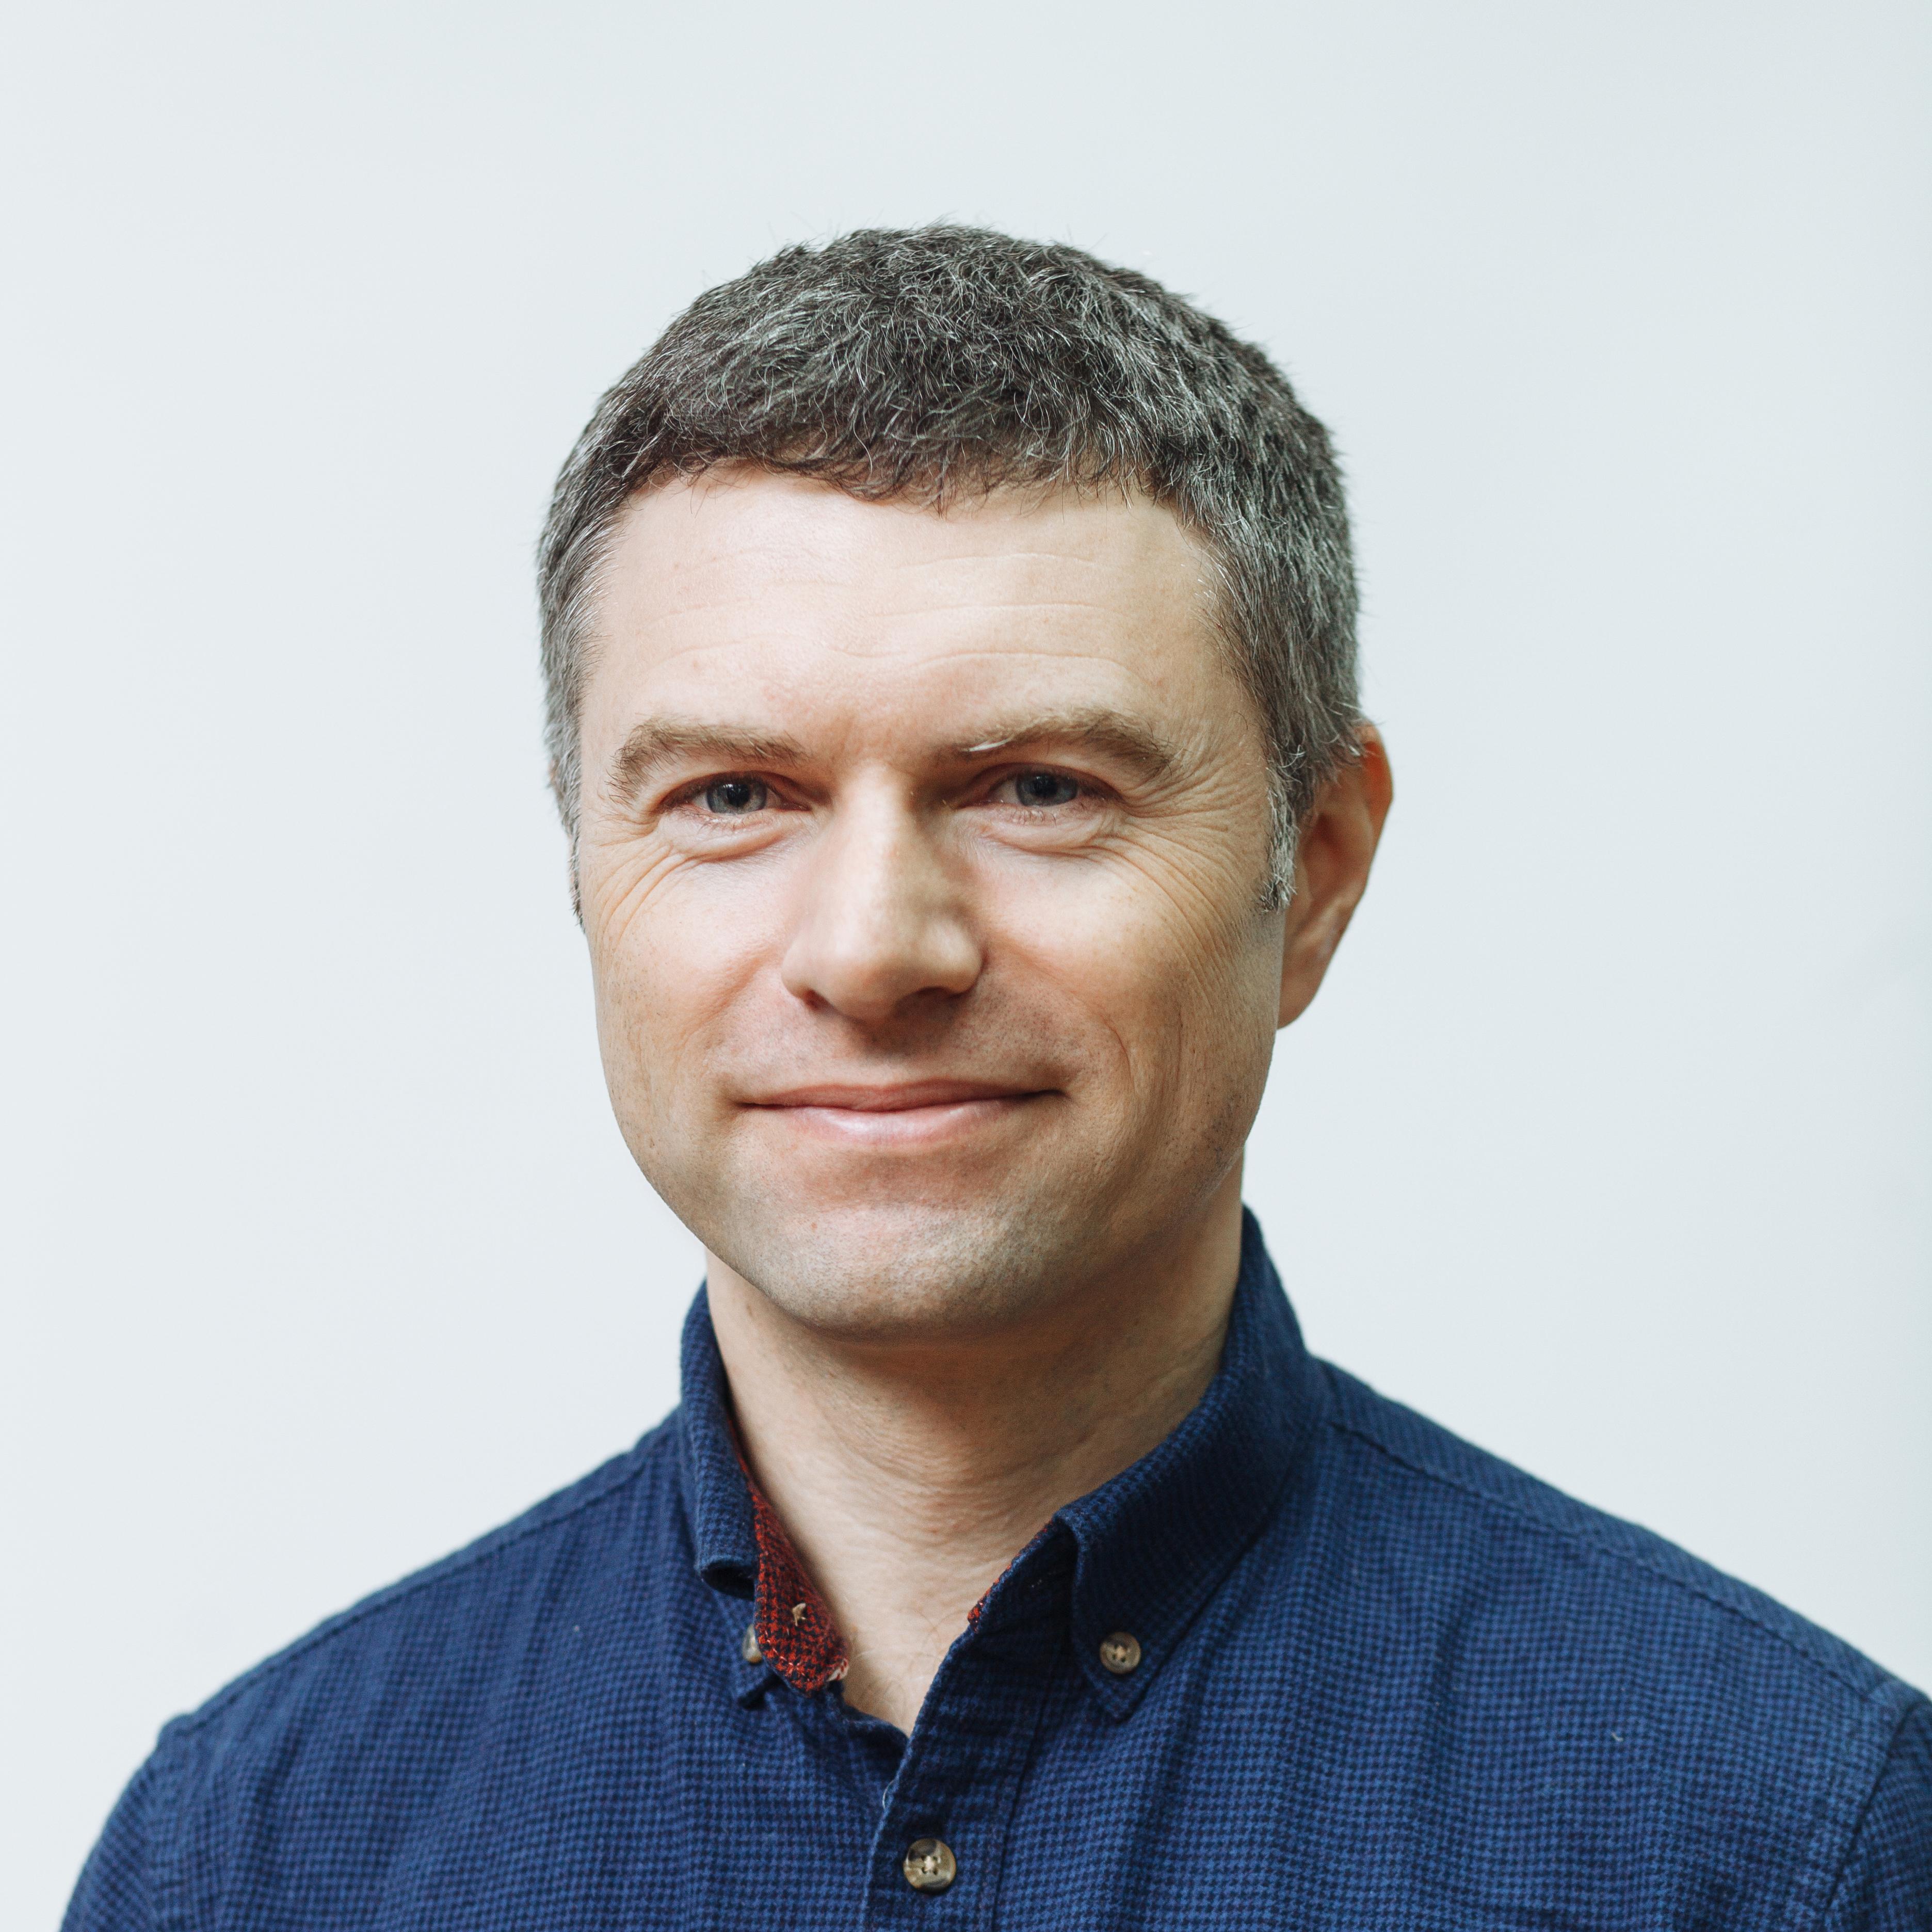 Чесноков Юрий Александрович